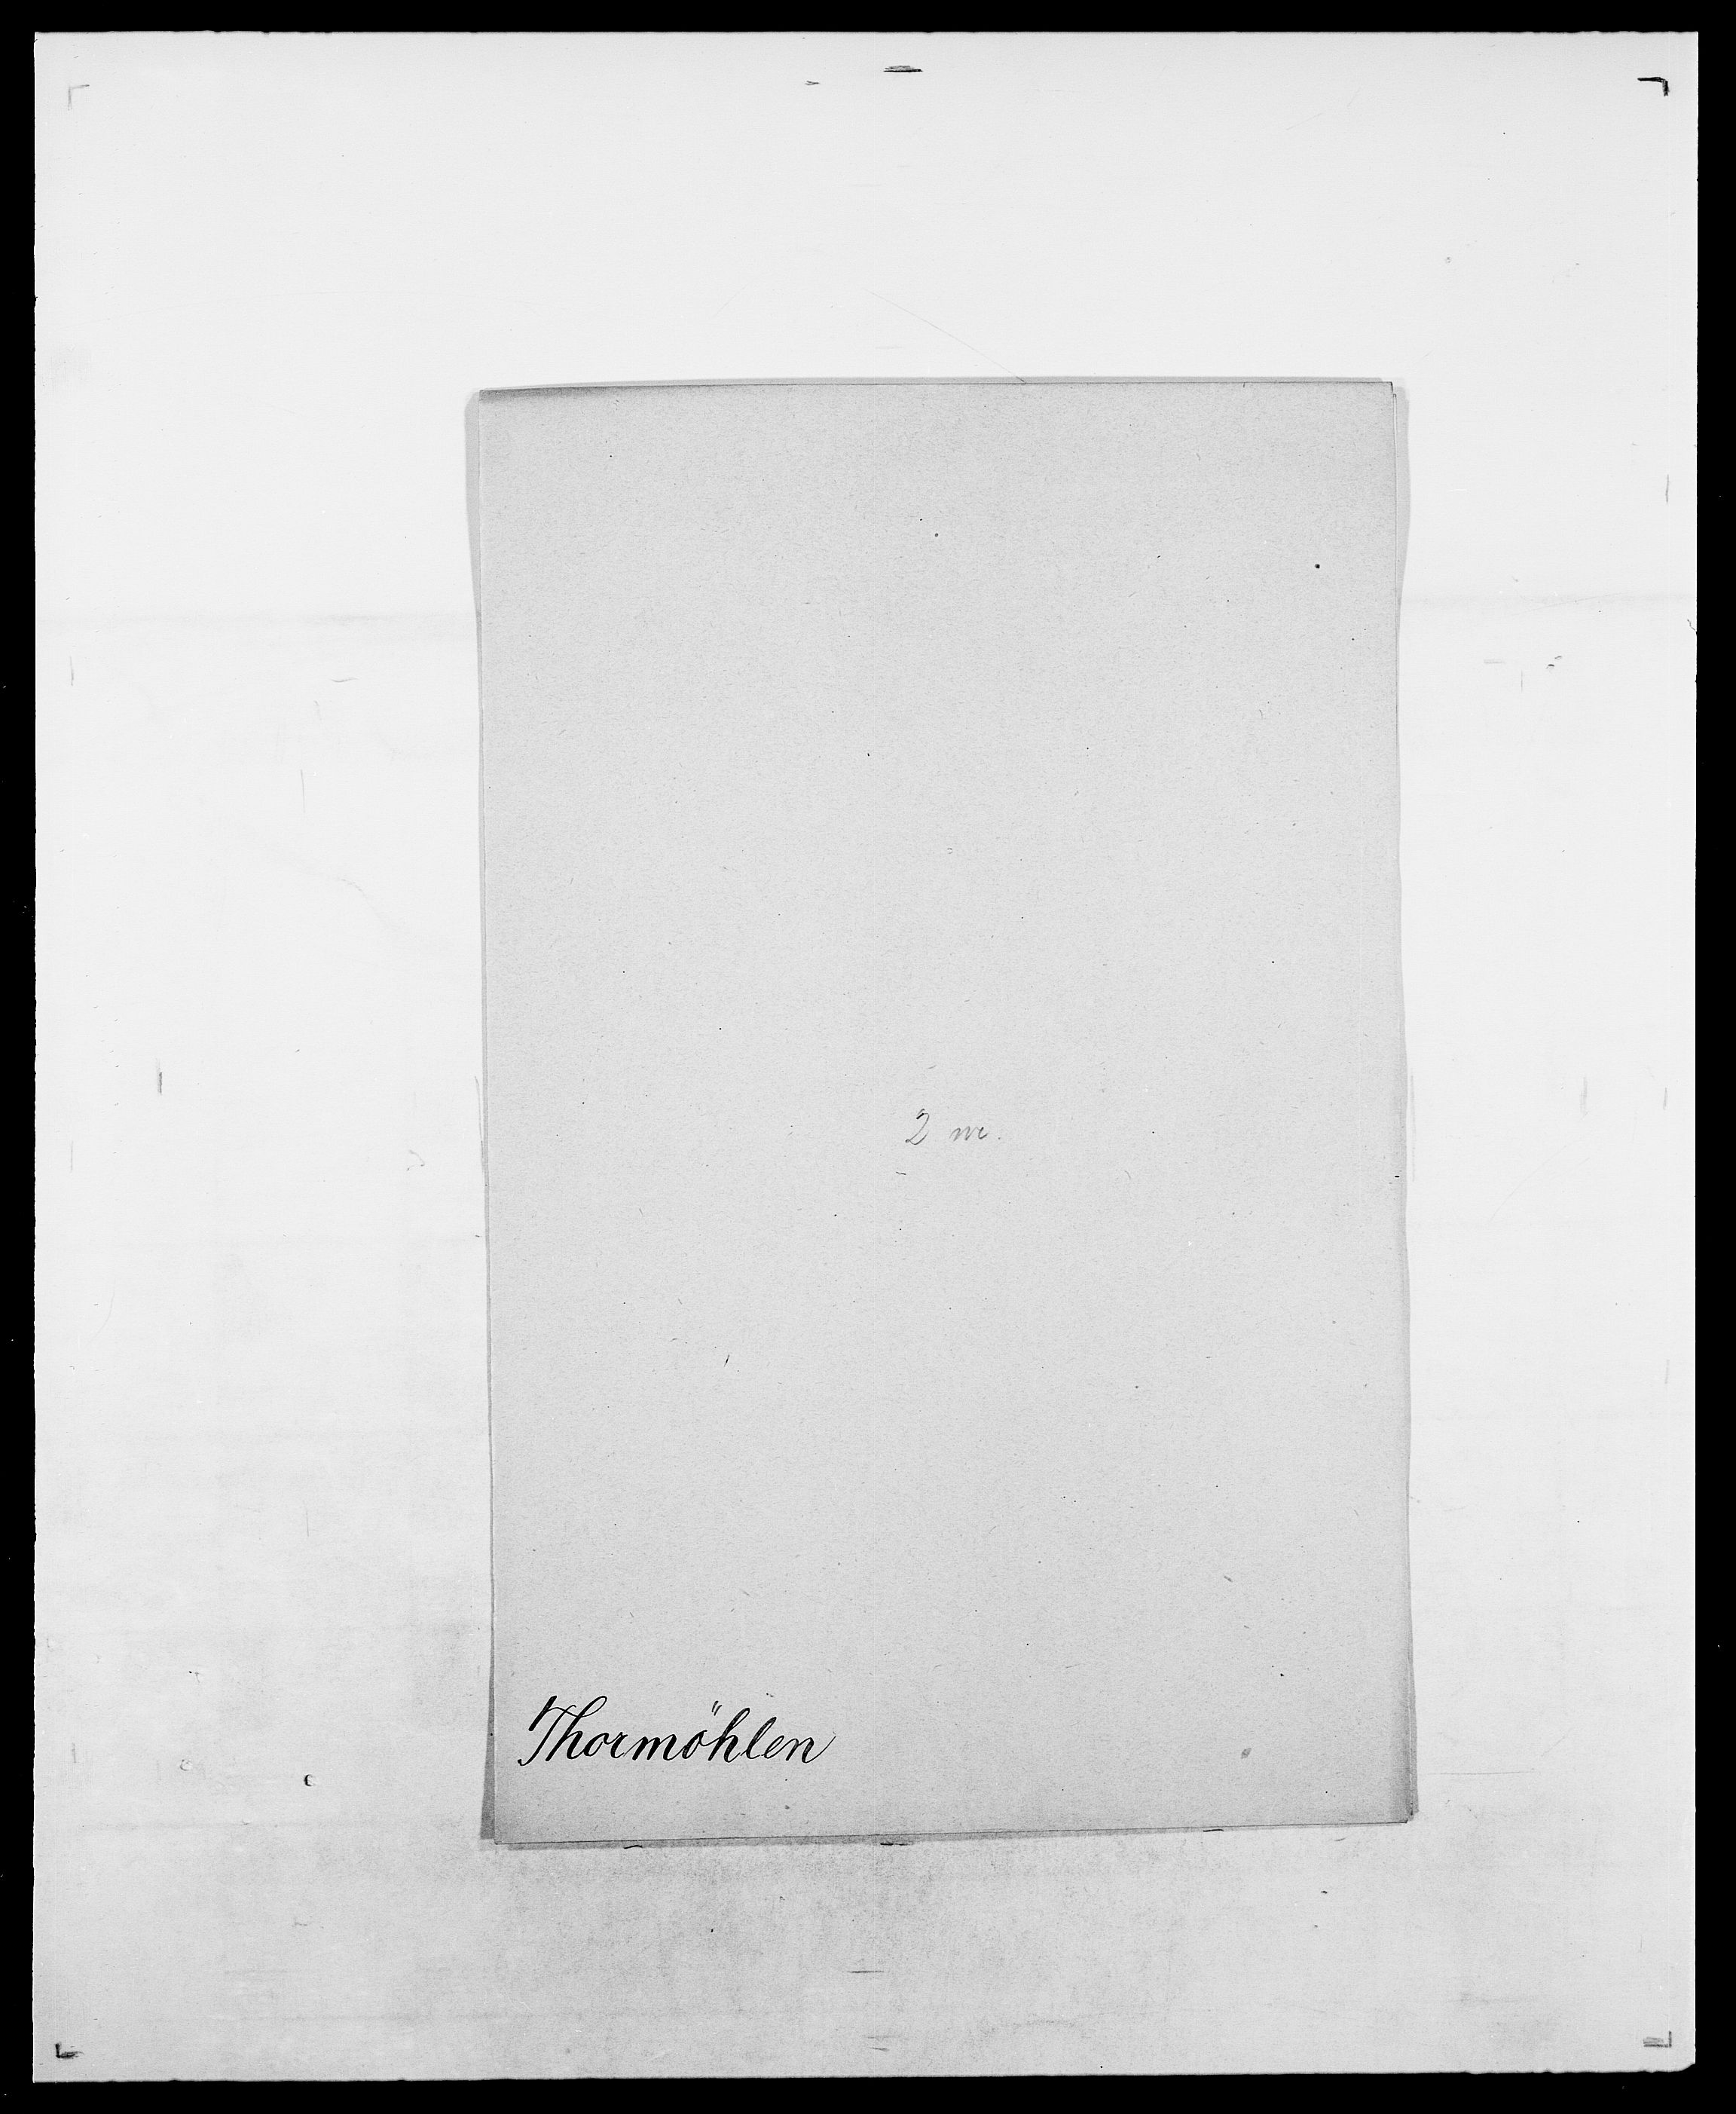 SAO, Delgobe, Charles Antoine - samling, D/Da/L0038: Svanenskjold - Thornsohn, s. 878